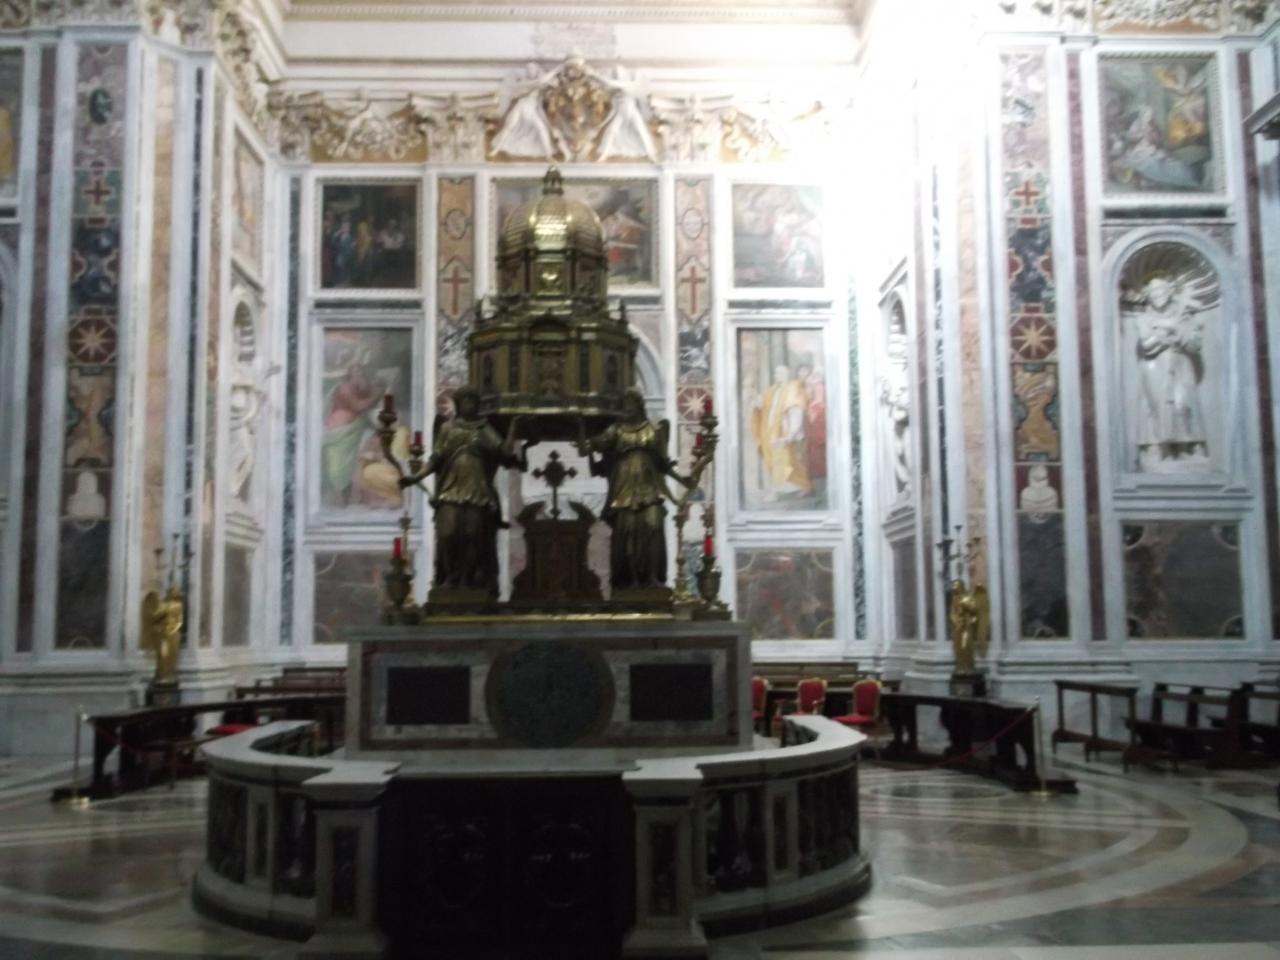 サンタ・マリア・マッジョーレ大聖堂の画像 p1_15